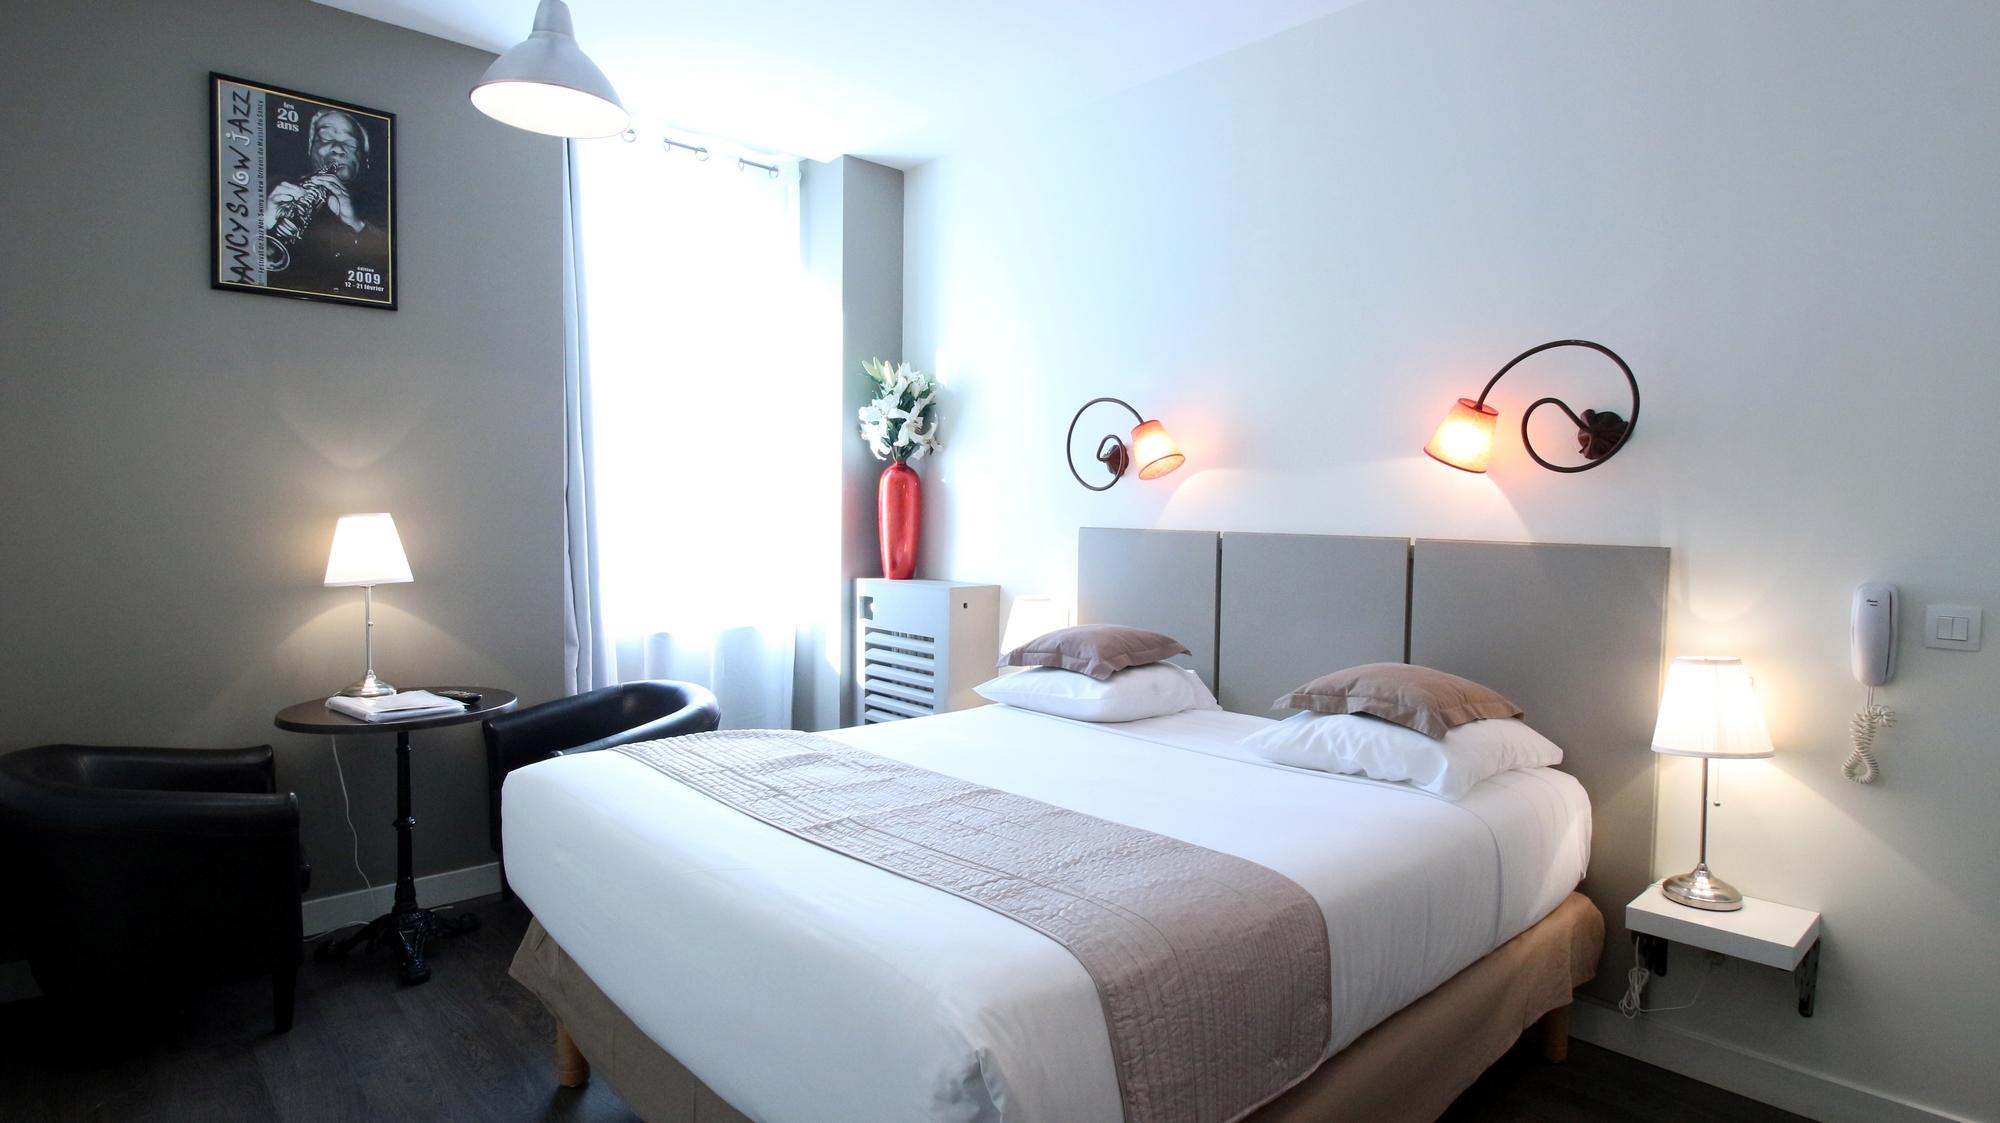 Grand Hôtel Mont-dore - Tarifs des chambres